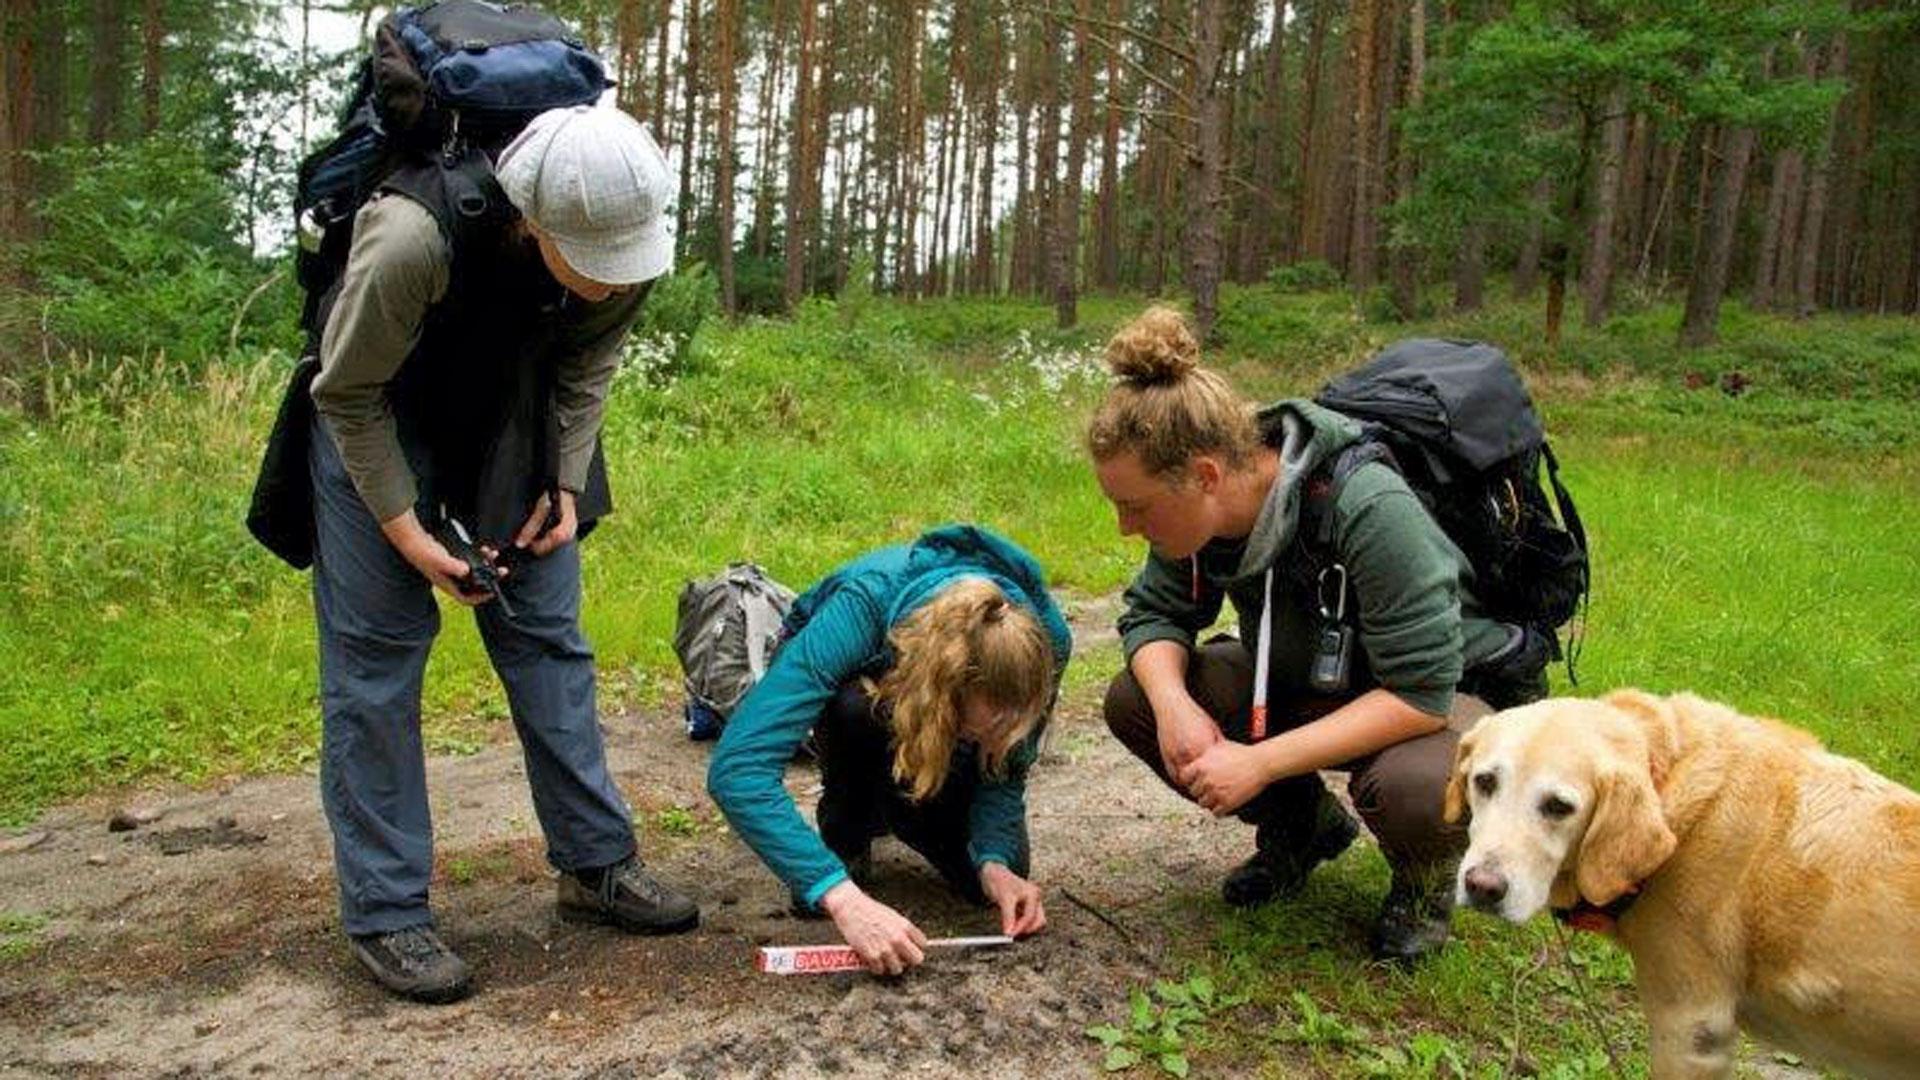 Wie viele Wölfe gibt es in Deutschland? Freiwillige helfen bei der Suche nach Wolfskot zur Datenerhebung.